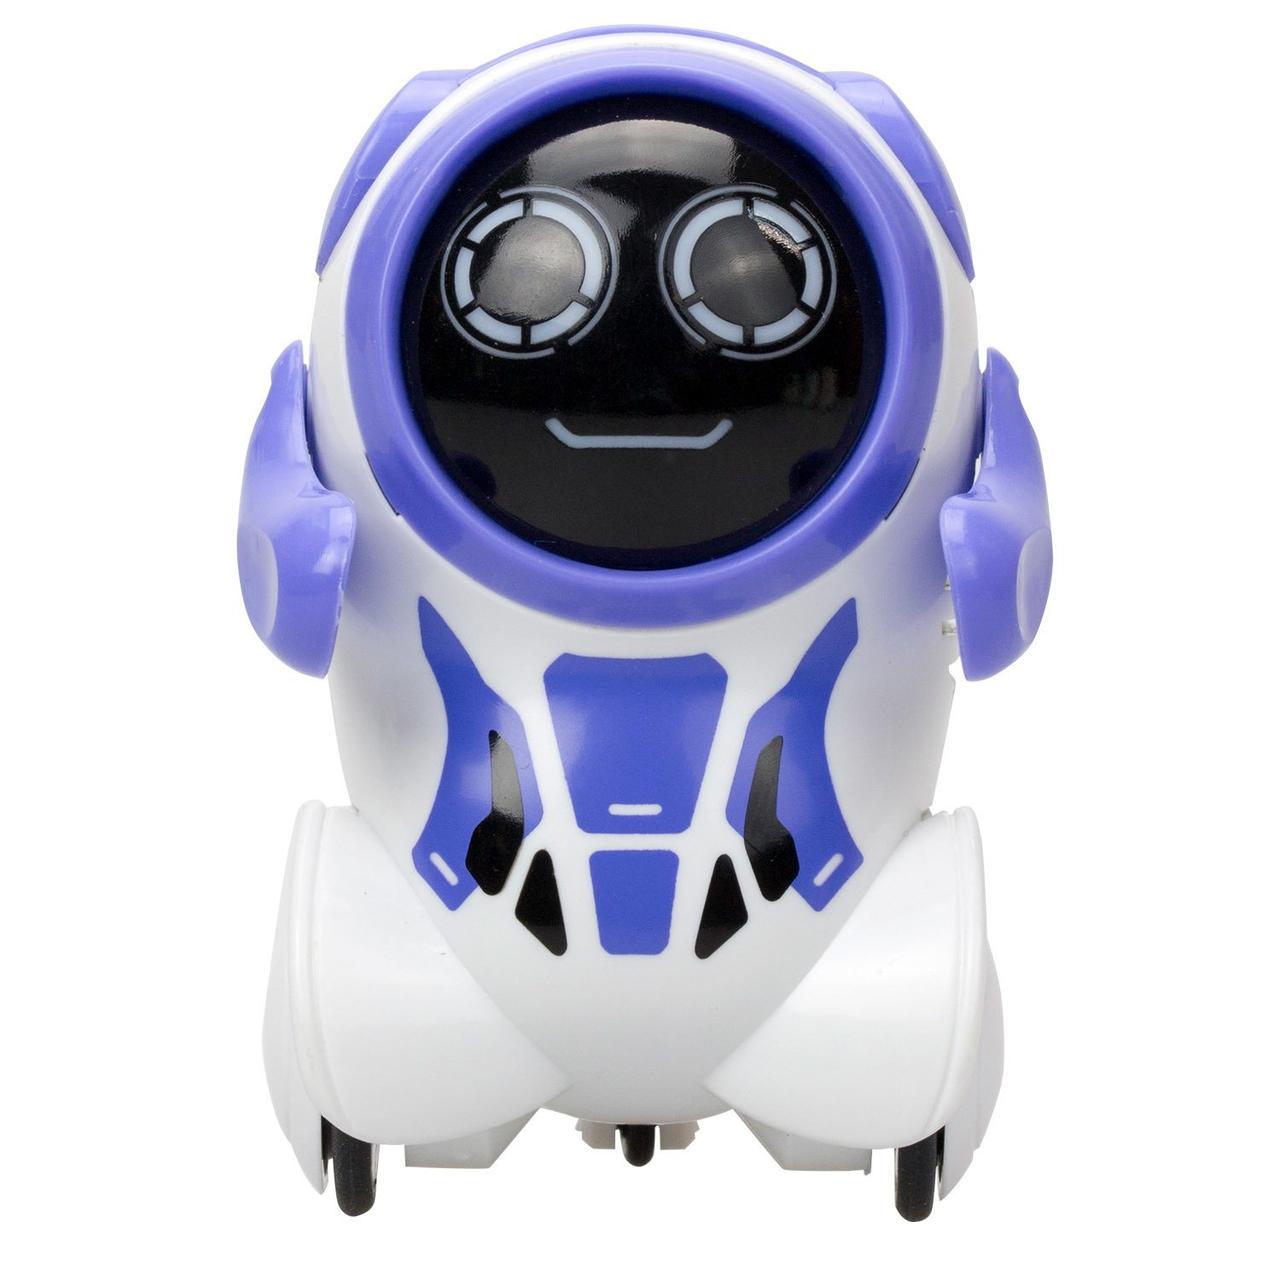 Silverlit Робот Покибот (Pokibot) - фиолетовый